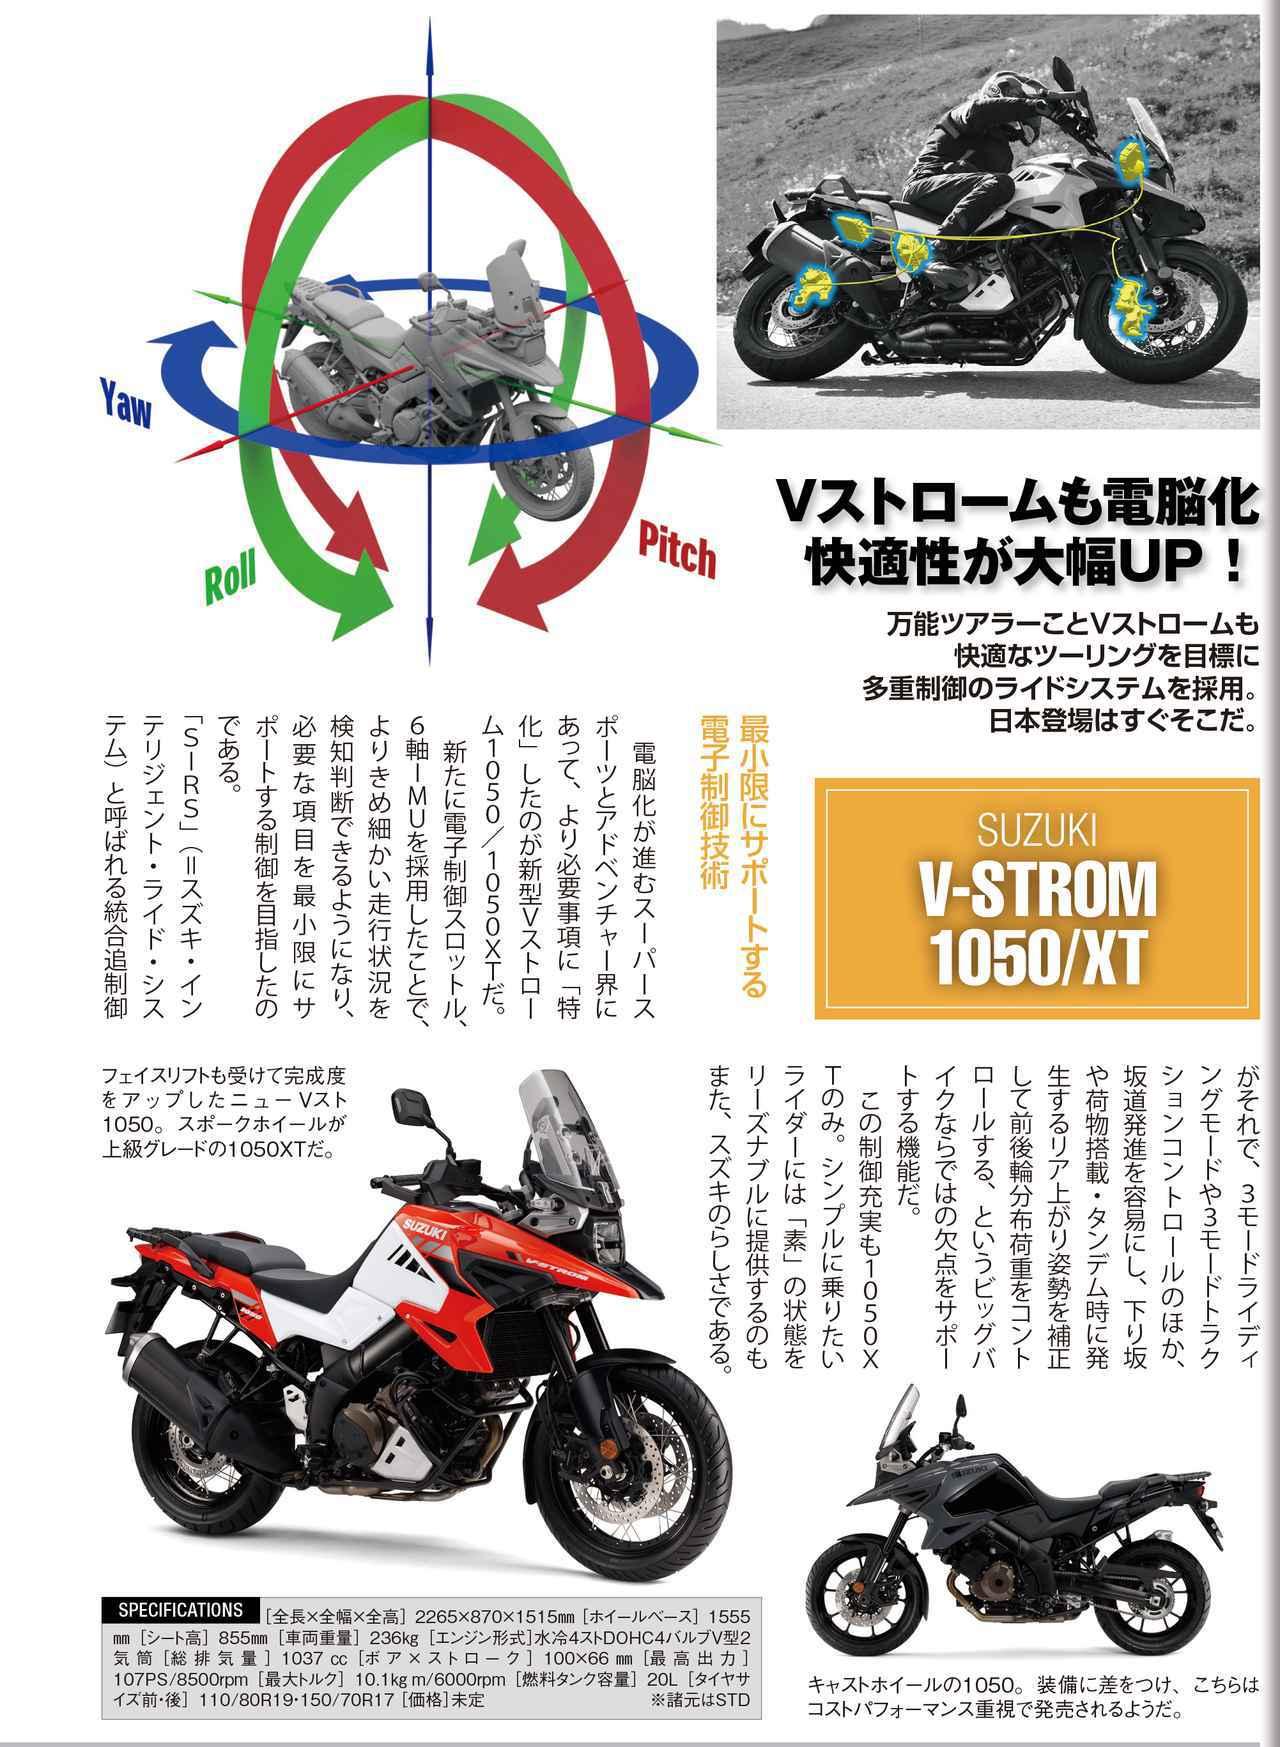 画像2: 巻頭特集は誌上モーターサイクルショー! 月刊『オートバイ』5月号発売! 最新バイクを徹底解説、「RIDE」では往年の名車を詳解